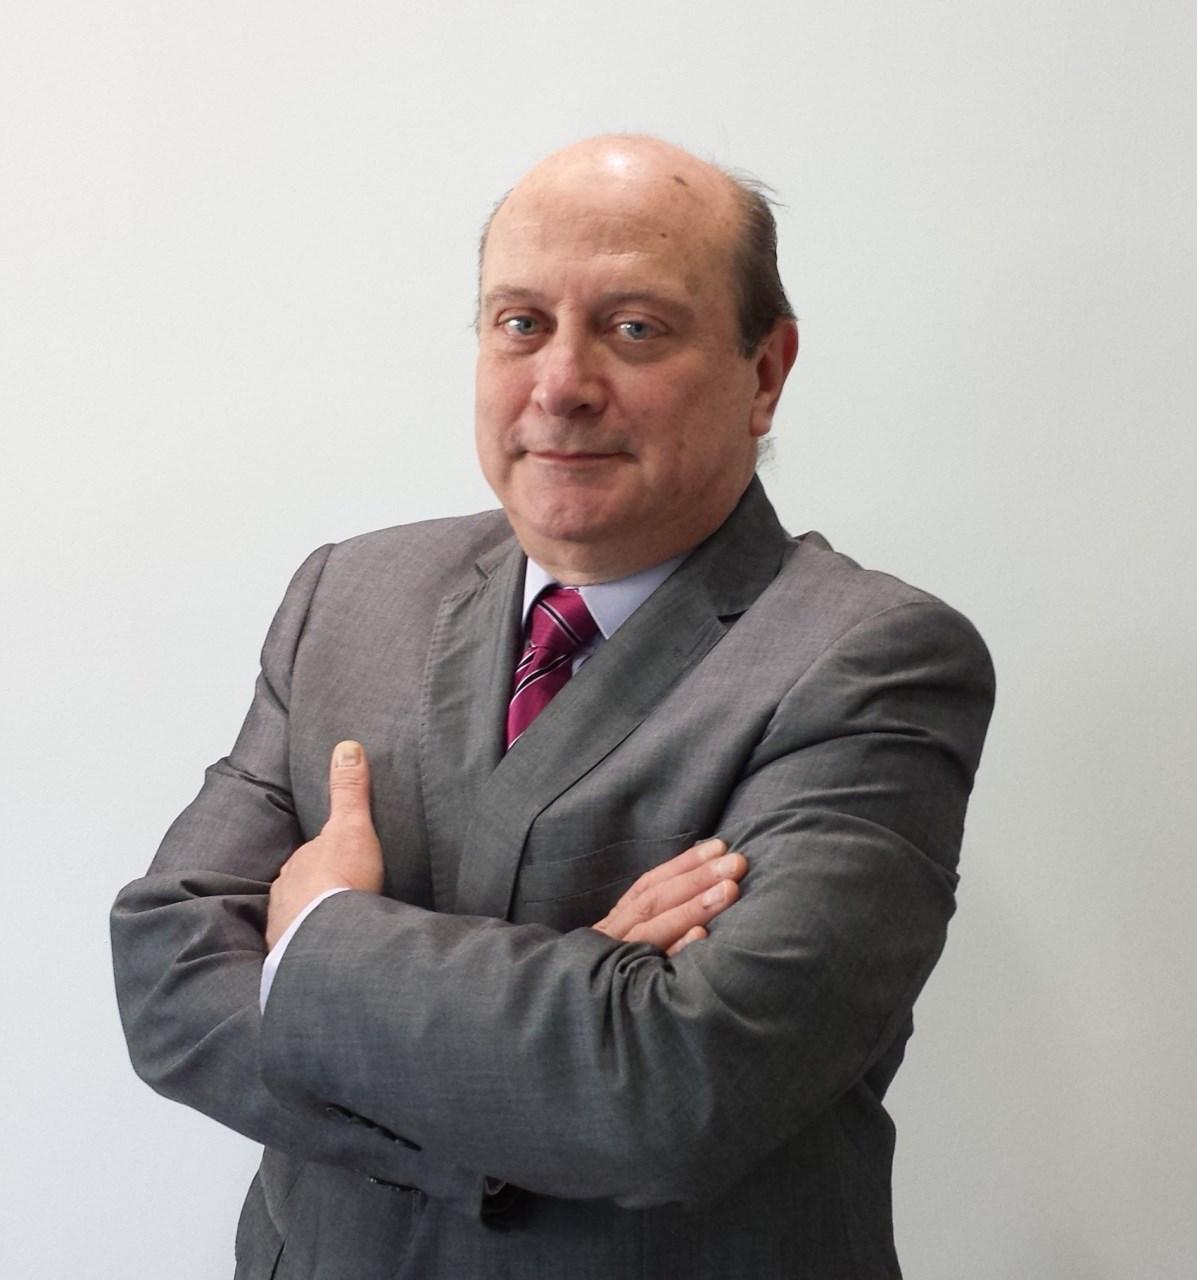 Fidel Carramolino Montero